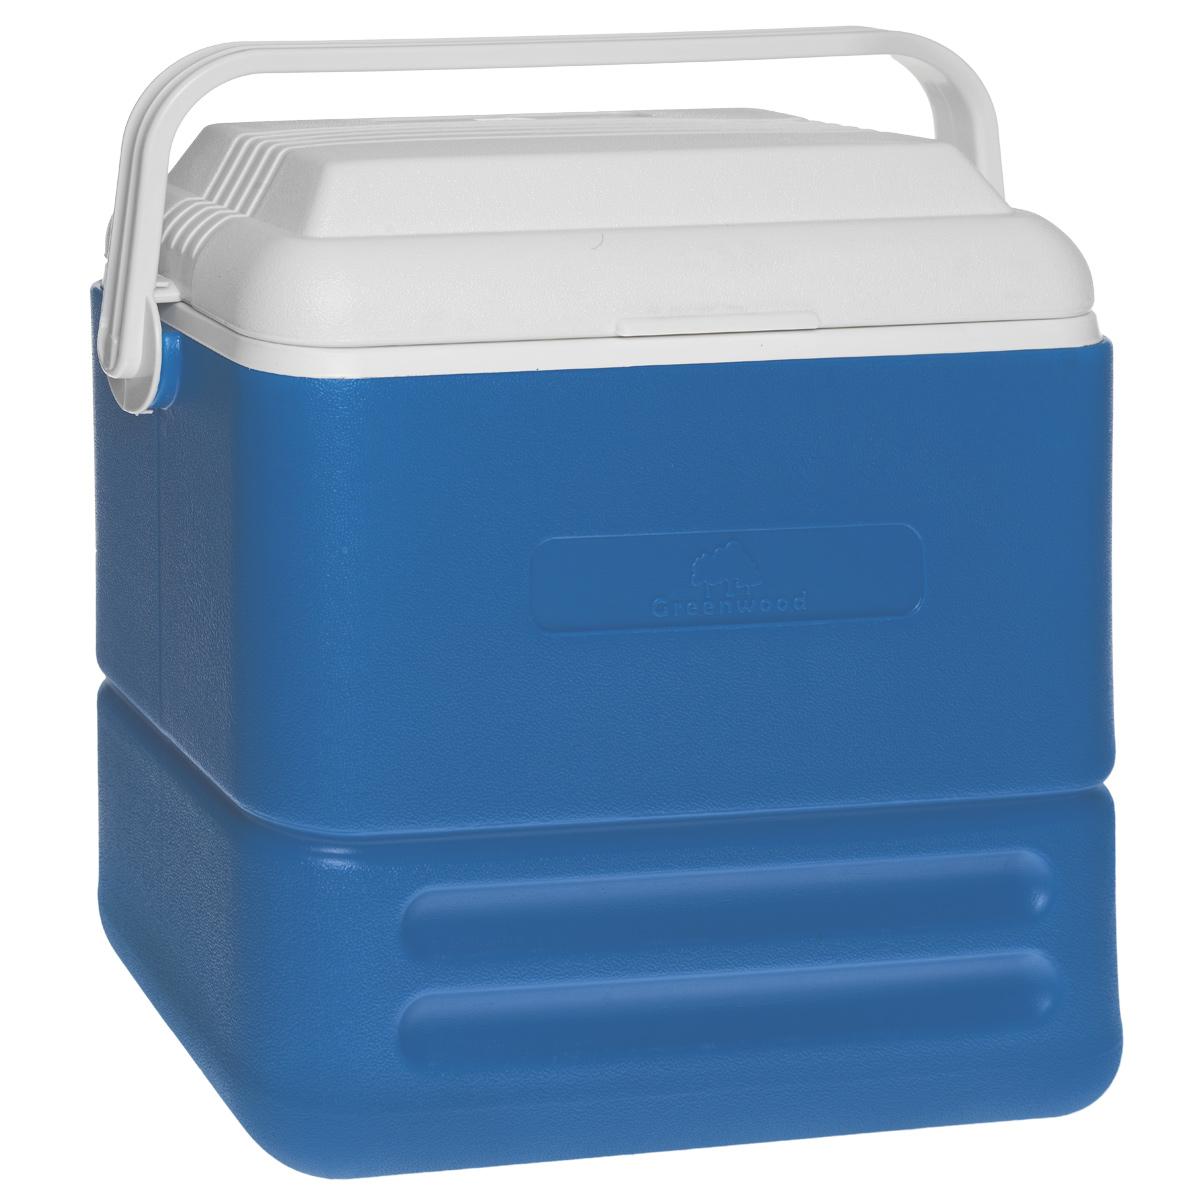 Изотермический контейнер Greenwood HS713, 16 л, 38 см х 23 см х 37,5 смHS713Изотермический контейнер Greenwood изготовлен из высококачественного полистирола и предназначен для сохранения определенной температуры продуктов во время длительных поездок. Между двойными стенками находится термоизоляционный слой, который обеспечивает сохранение продуктов горячими или холодными на 12 часов. Подходит для хранения сухого льда. Подвижная ручка фиксирует крышку и делает более удобной переноску контейнера.